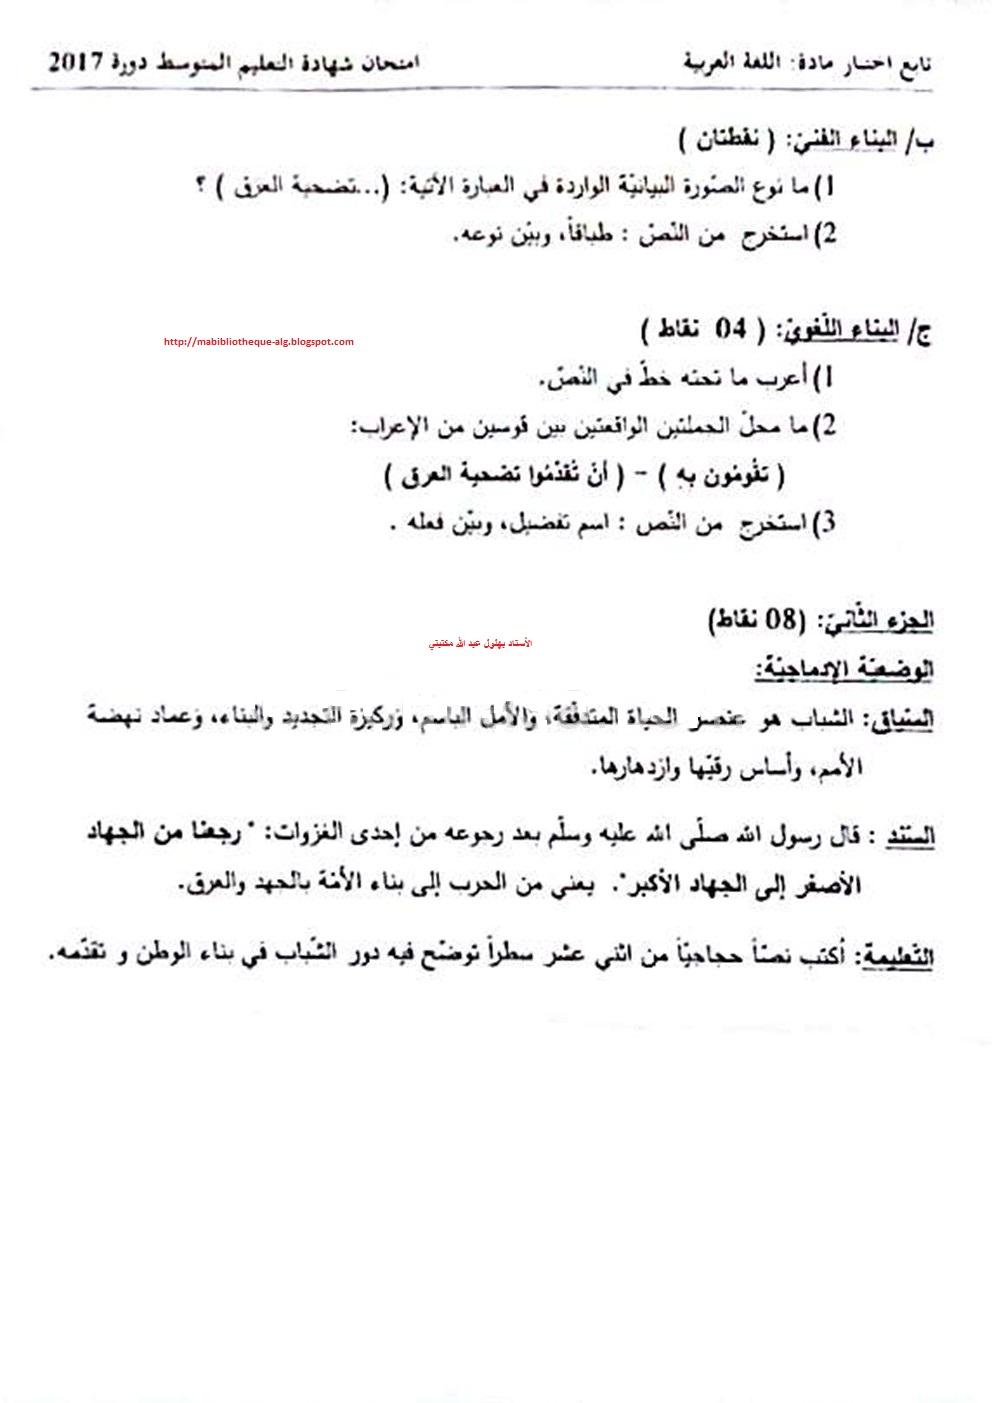 موضوع اللغة العربية امتحان شهادة التعليم المتوسط 2017 Bem-arabic-2017_2